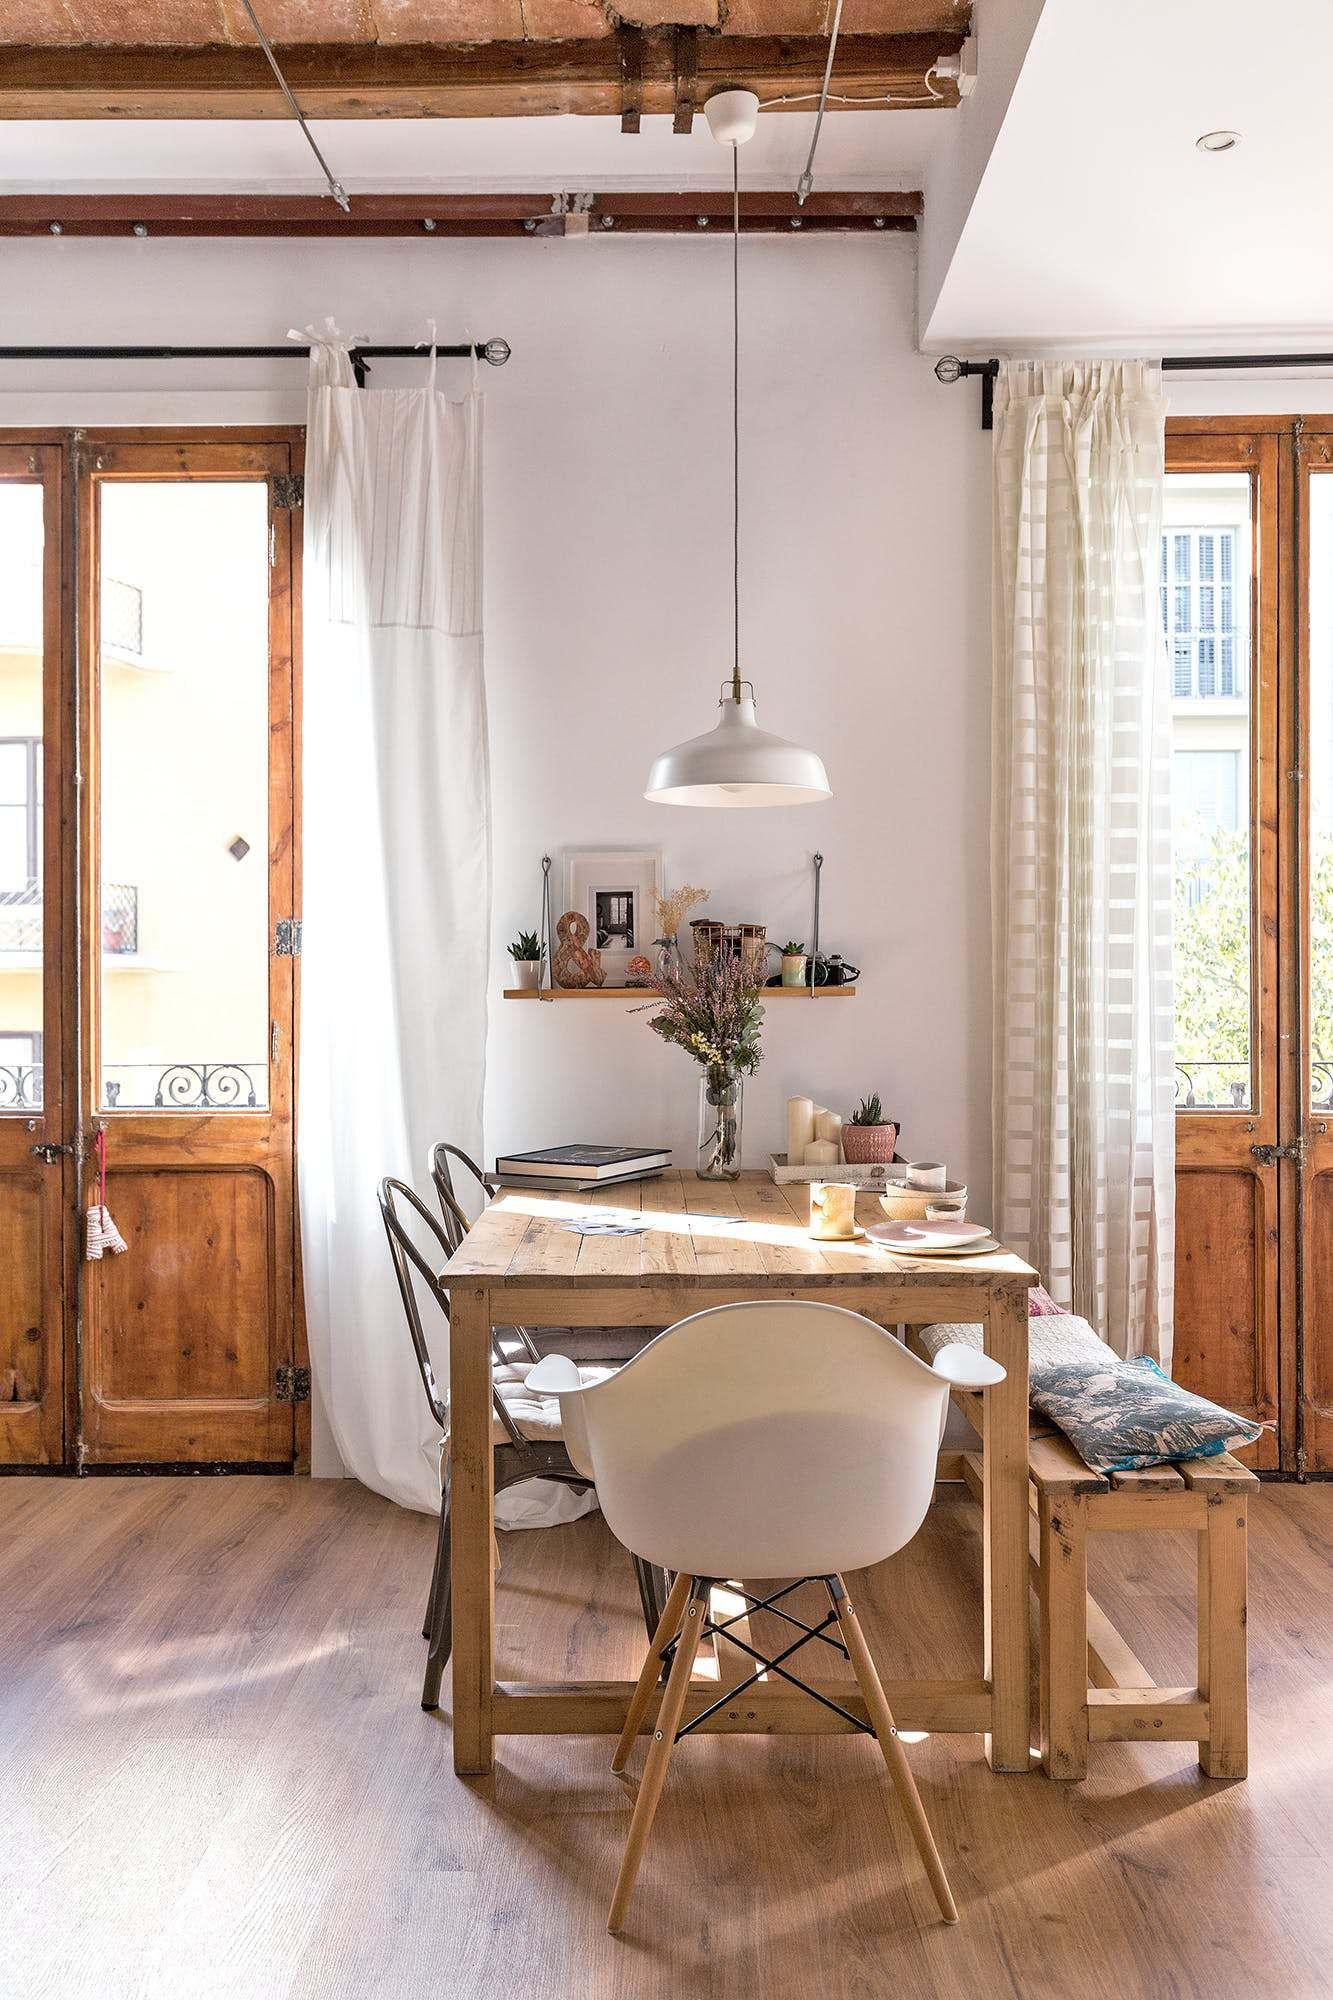 Nous allons visiter un appartement à Barcelone lumineux et chaleureux. Dans un style rustique et scandinave, un joli mix à découvrir sur le blog.